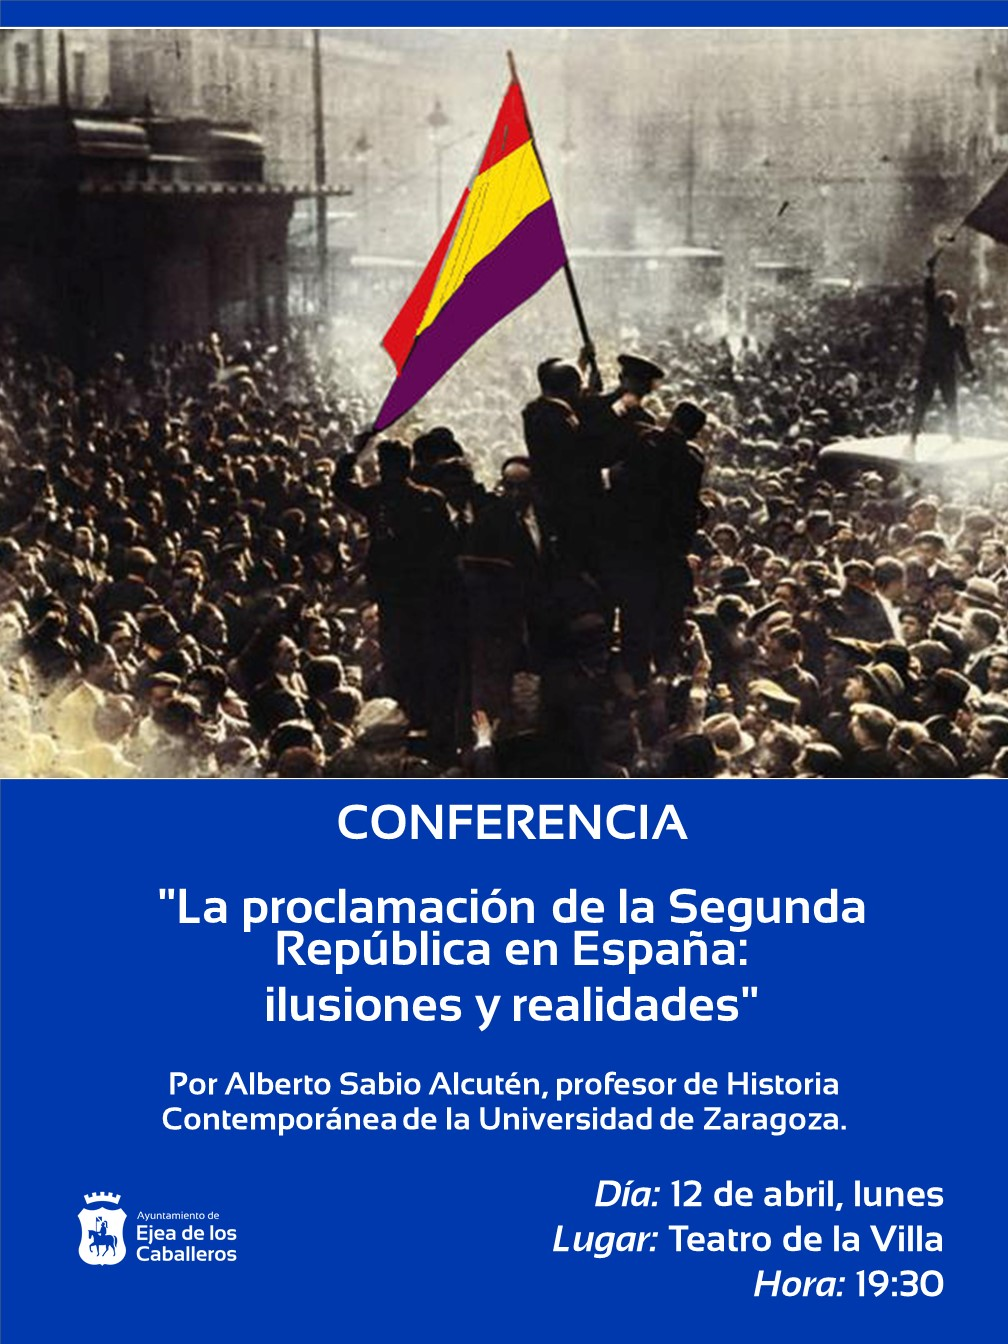 Conferencia del profesor Alberto Sabio sobre la proclamación la de Segunda República en España con motivo de su 90 aniversario